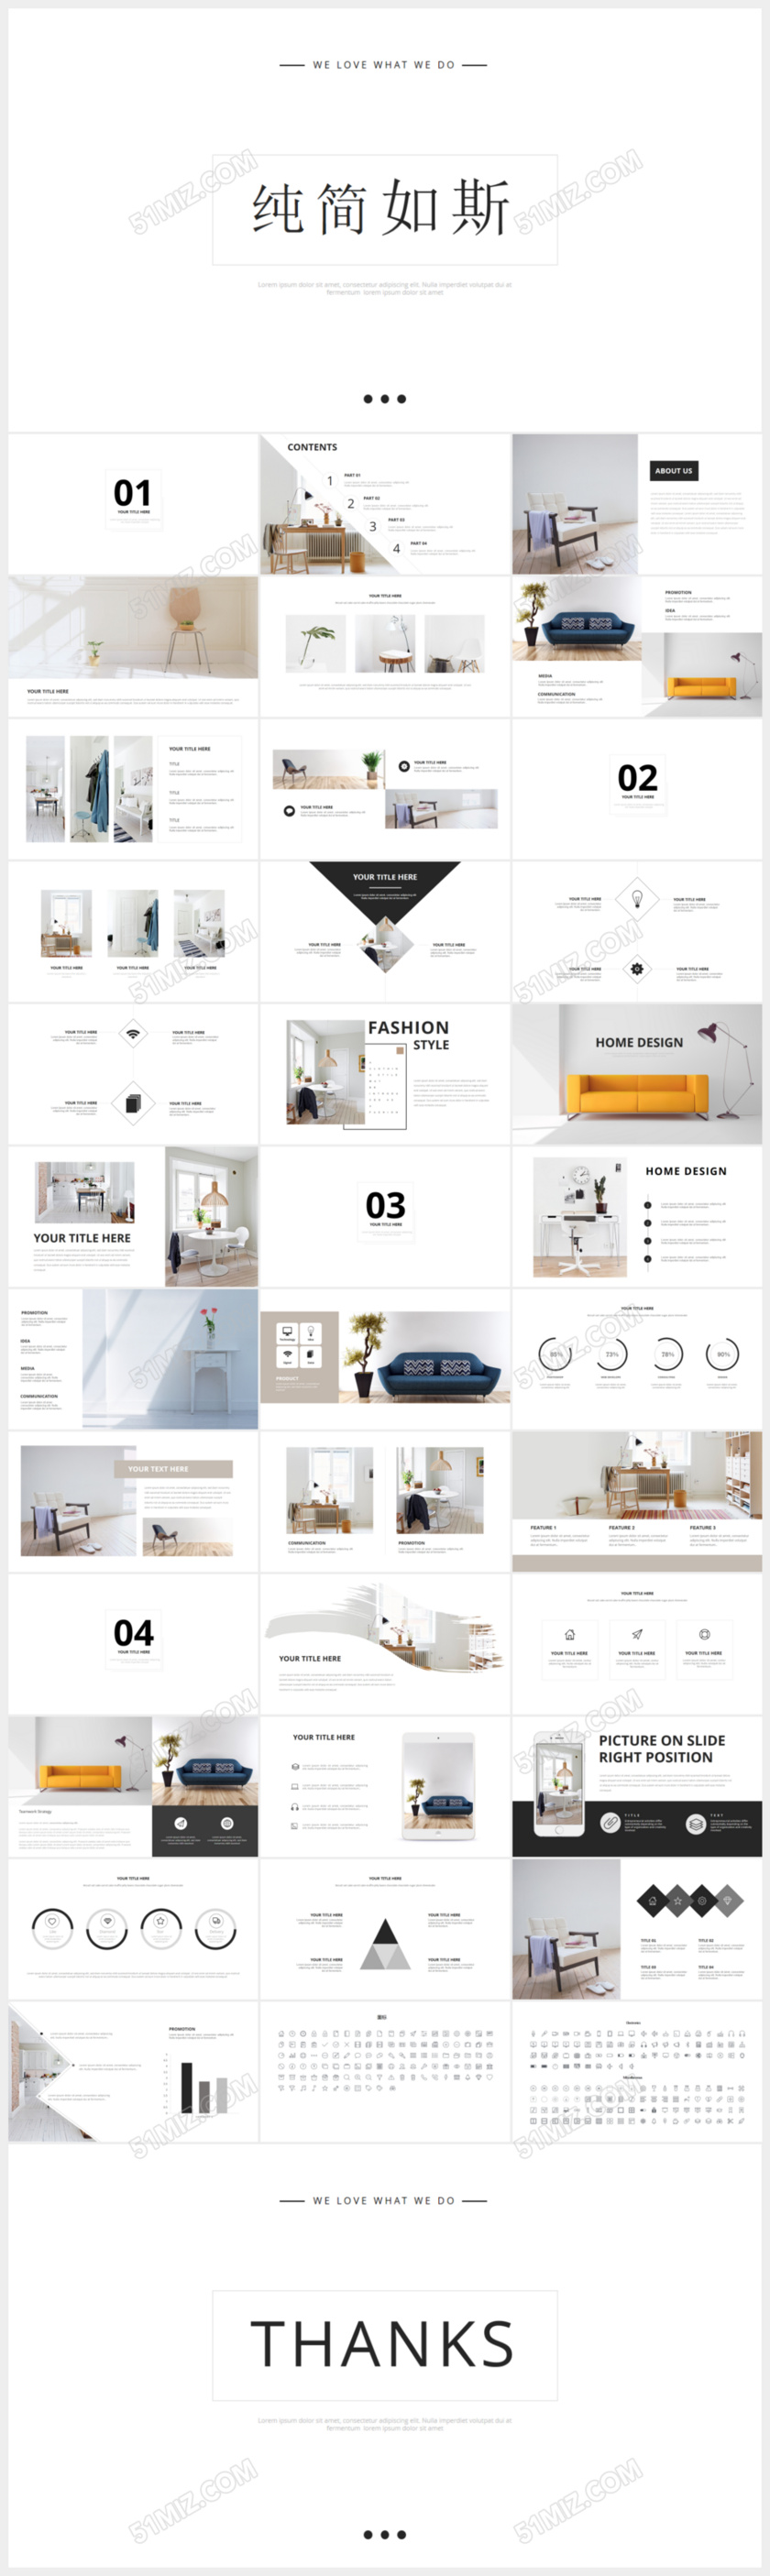 极简主义唯美素雅室内装潢设计产品宣传PPT